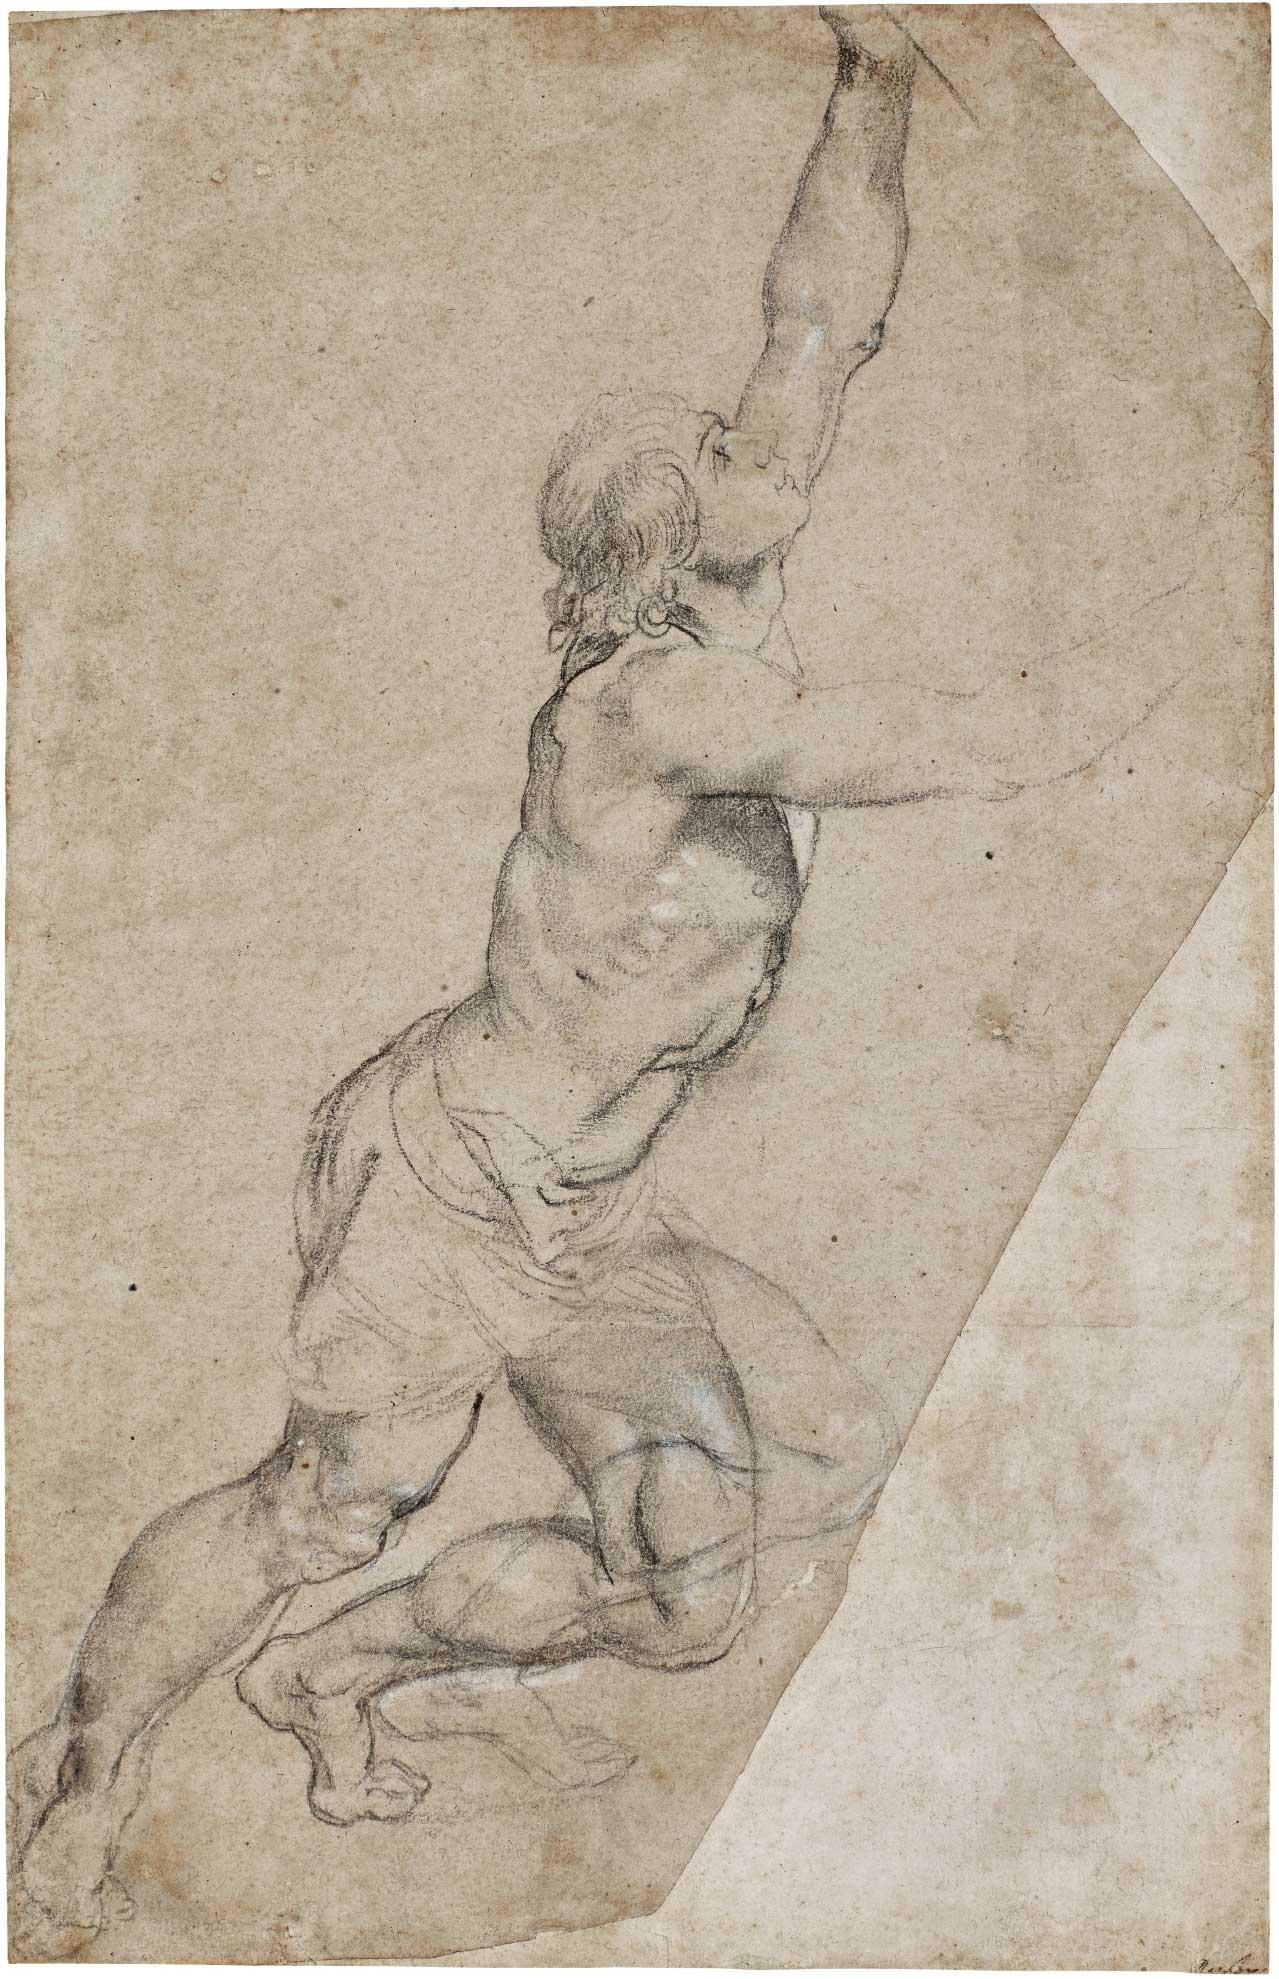 Pierre Paul Rubens, étude d'un jeune homme aux bras levés. © Sotheby's